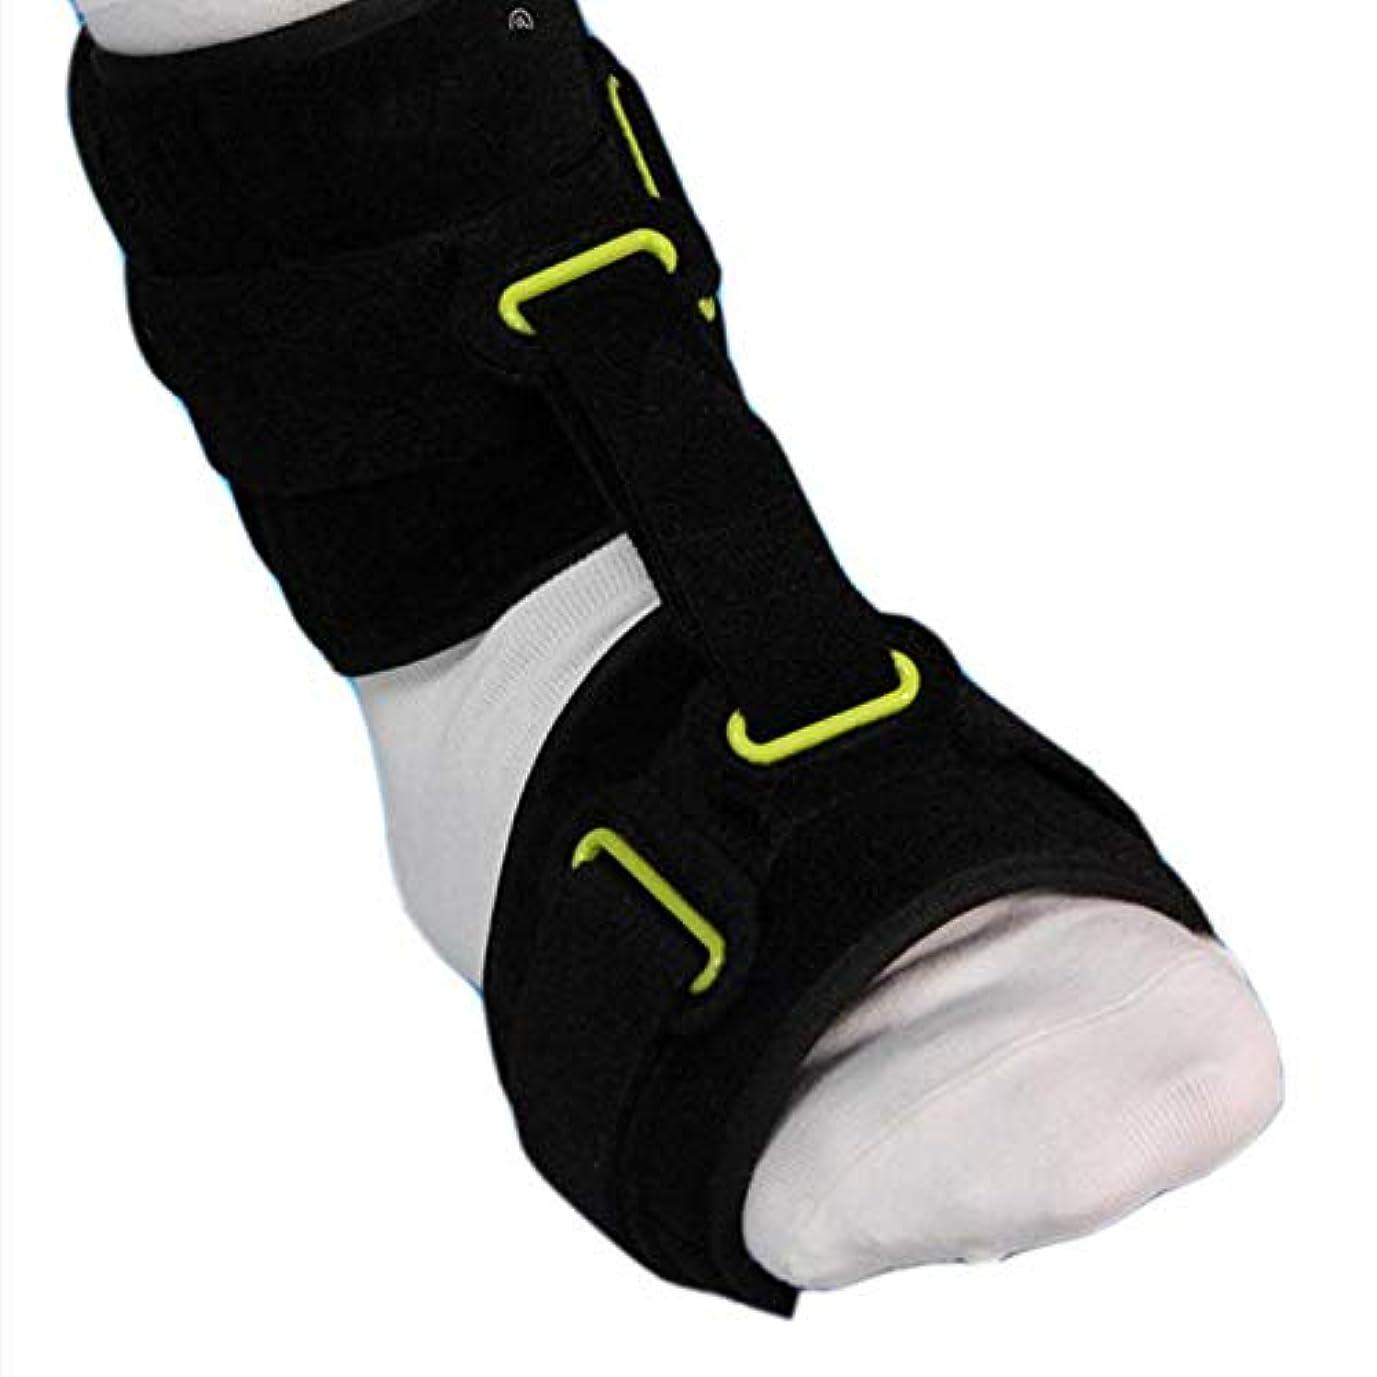 観客高速道路痴漢足首関節フットドロップ装具、調整可能な足首装具補正AFOが足底筋膜炎の昼と夜の副木装具をサポート